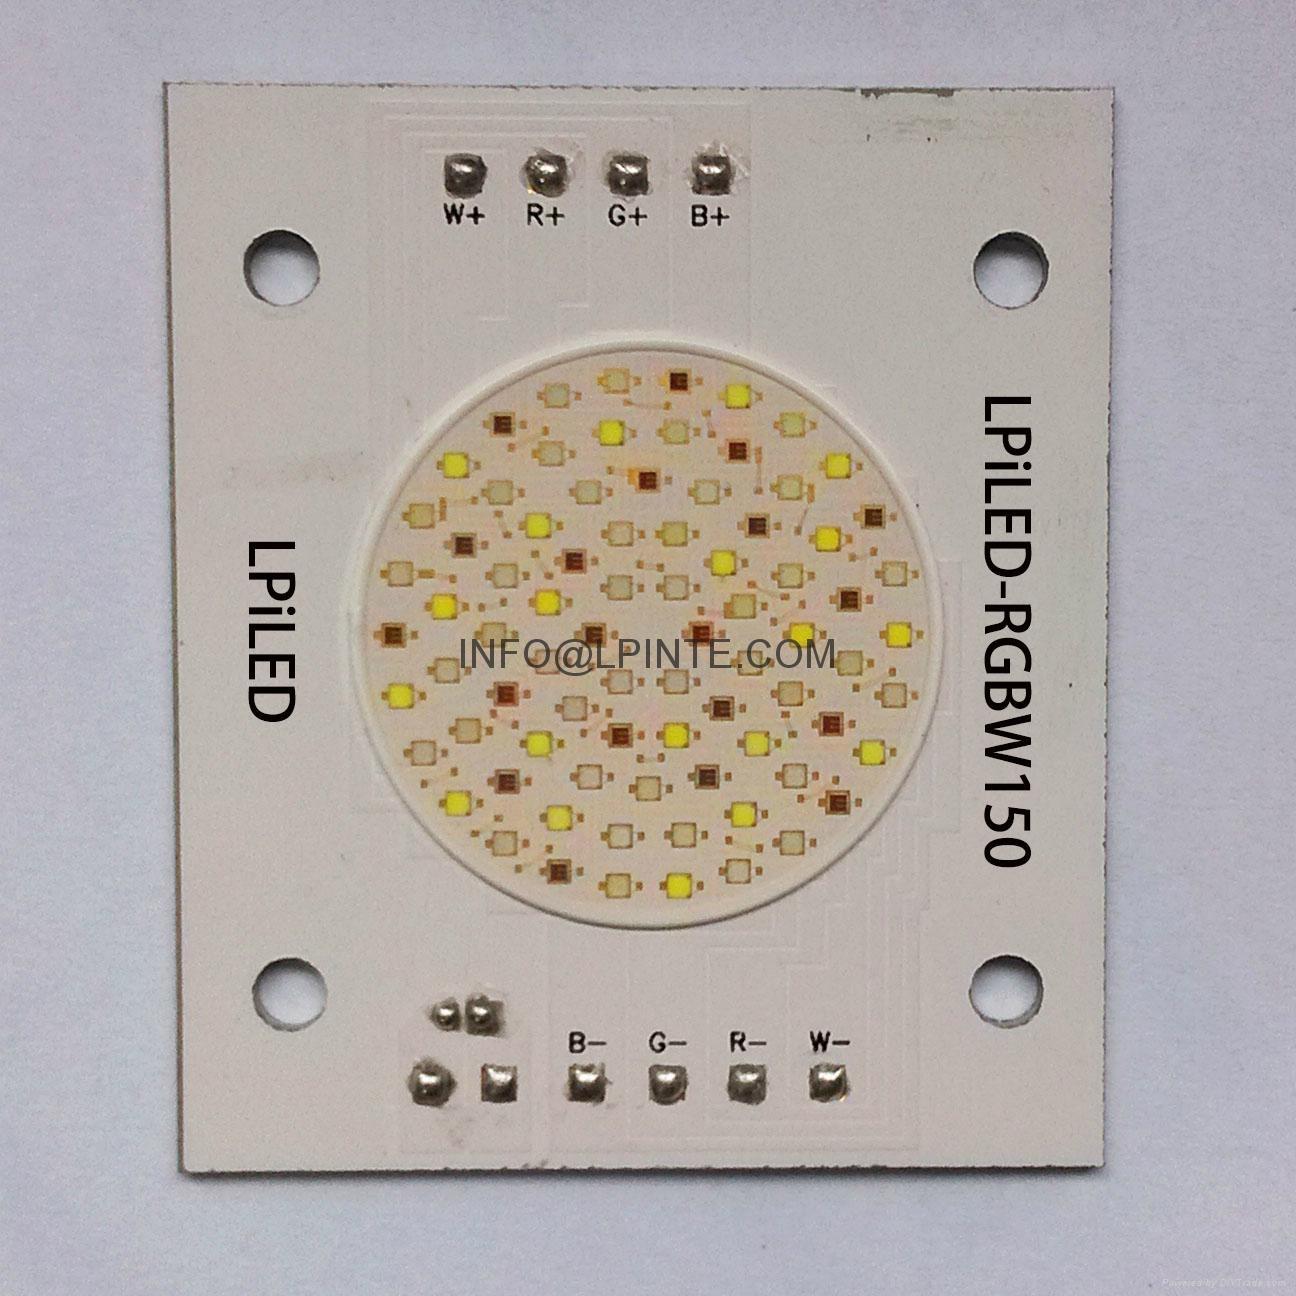 RGBW LED RGBW CHIP LED RGBW COB LED RGB LED MODULE WW CW RGBY 13